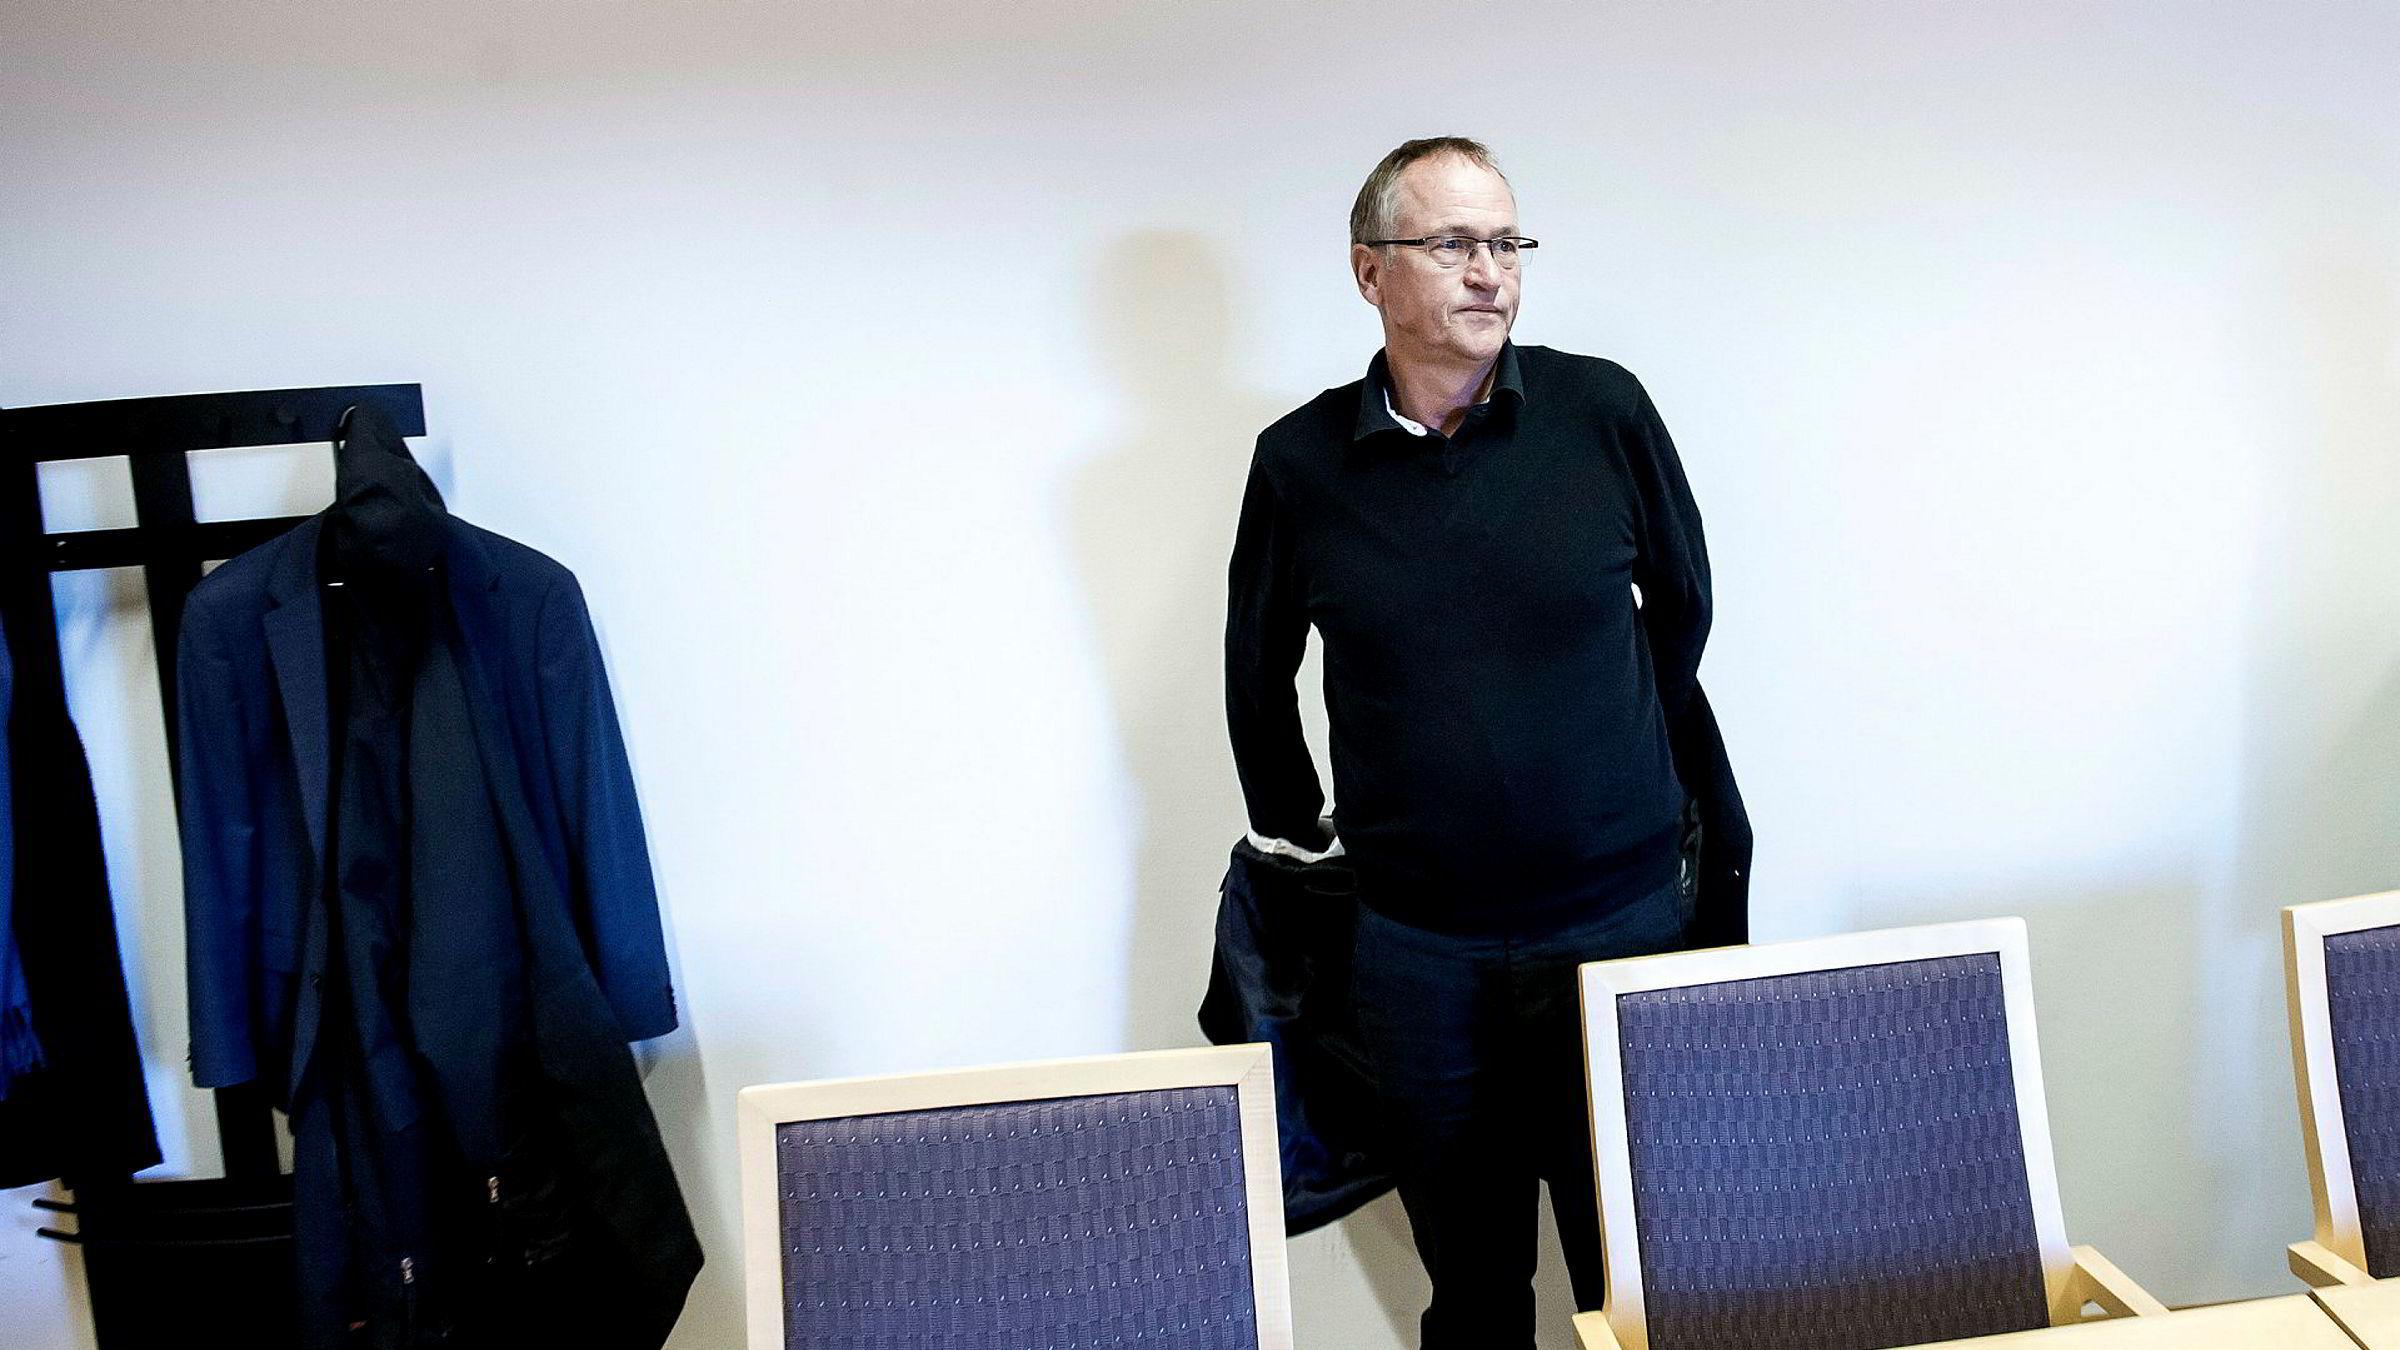 Nillegründer Mons Bertil Aarskog har til sammen hatt en gevinst på 900 millioner kroner på butikkjeden han grunnla i 1981. Her fra en skattesak i 2015.